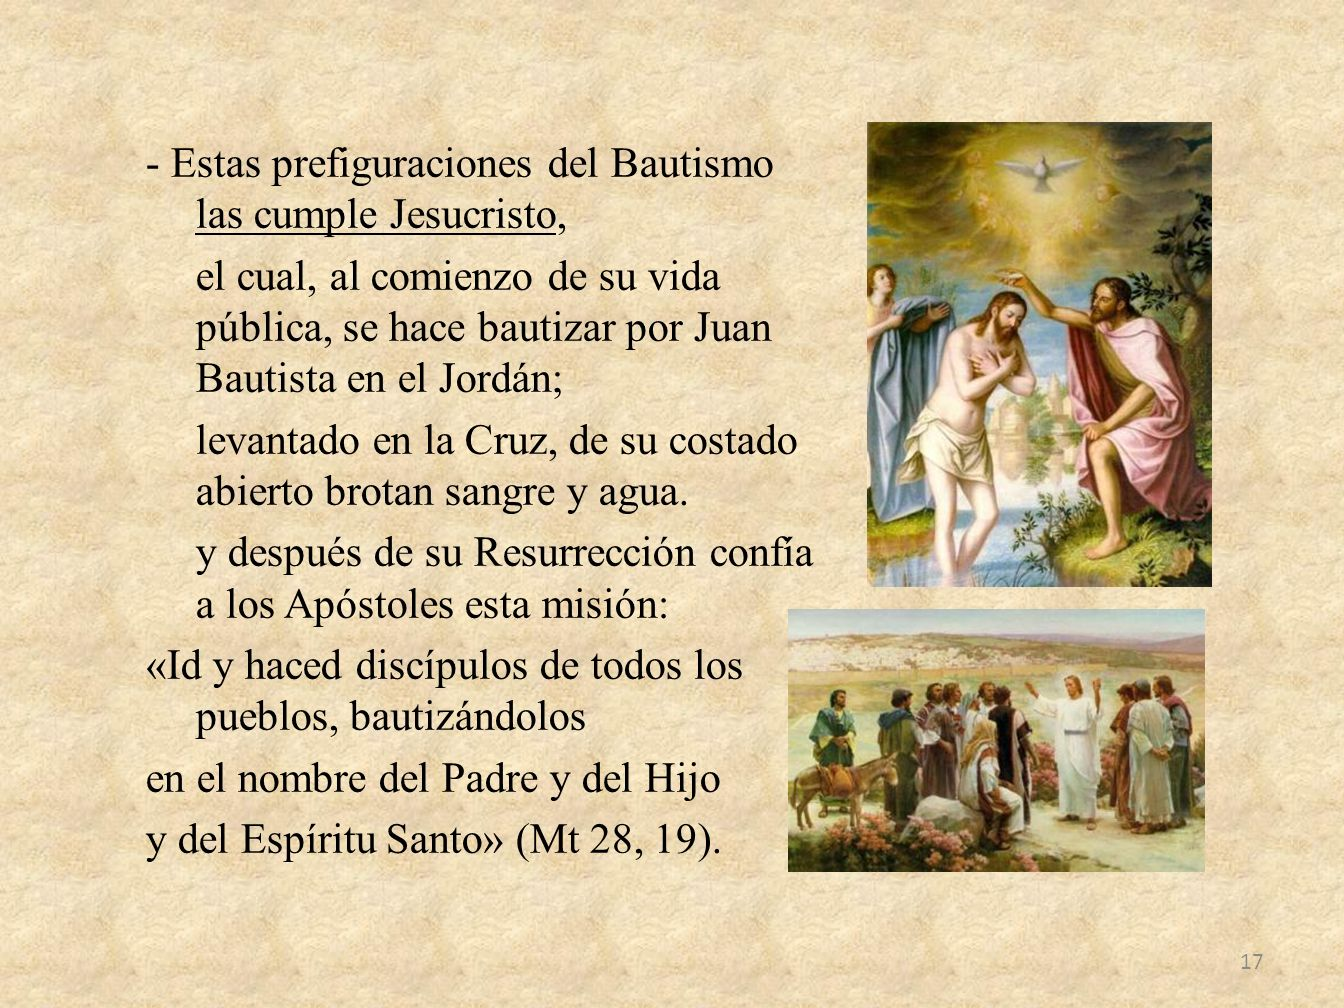 - Estas prefiguraciones del Bautismo las cumple Jesucristo, el cual, al comienzo de su vida pública, se hace bautizar por Juan Bautista en el Jordán; levantado en la Cruz, de su costado abierto brotan sangre y agua.